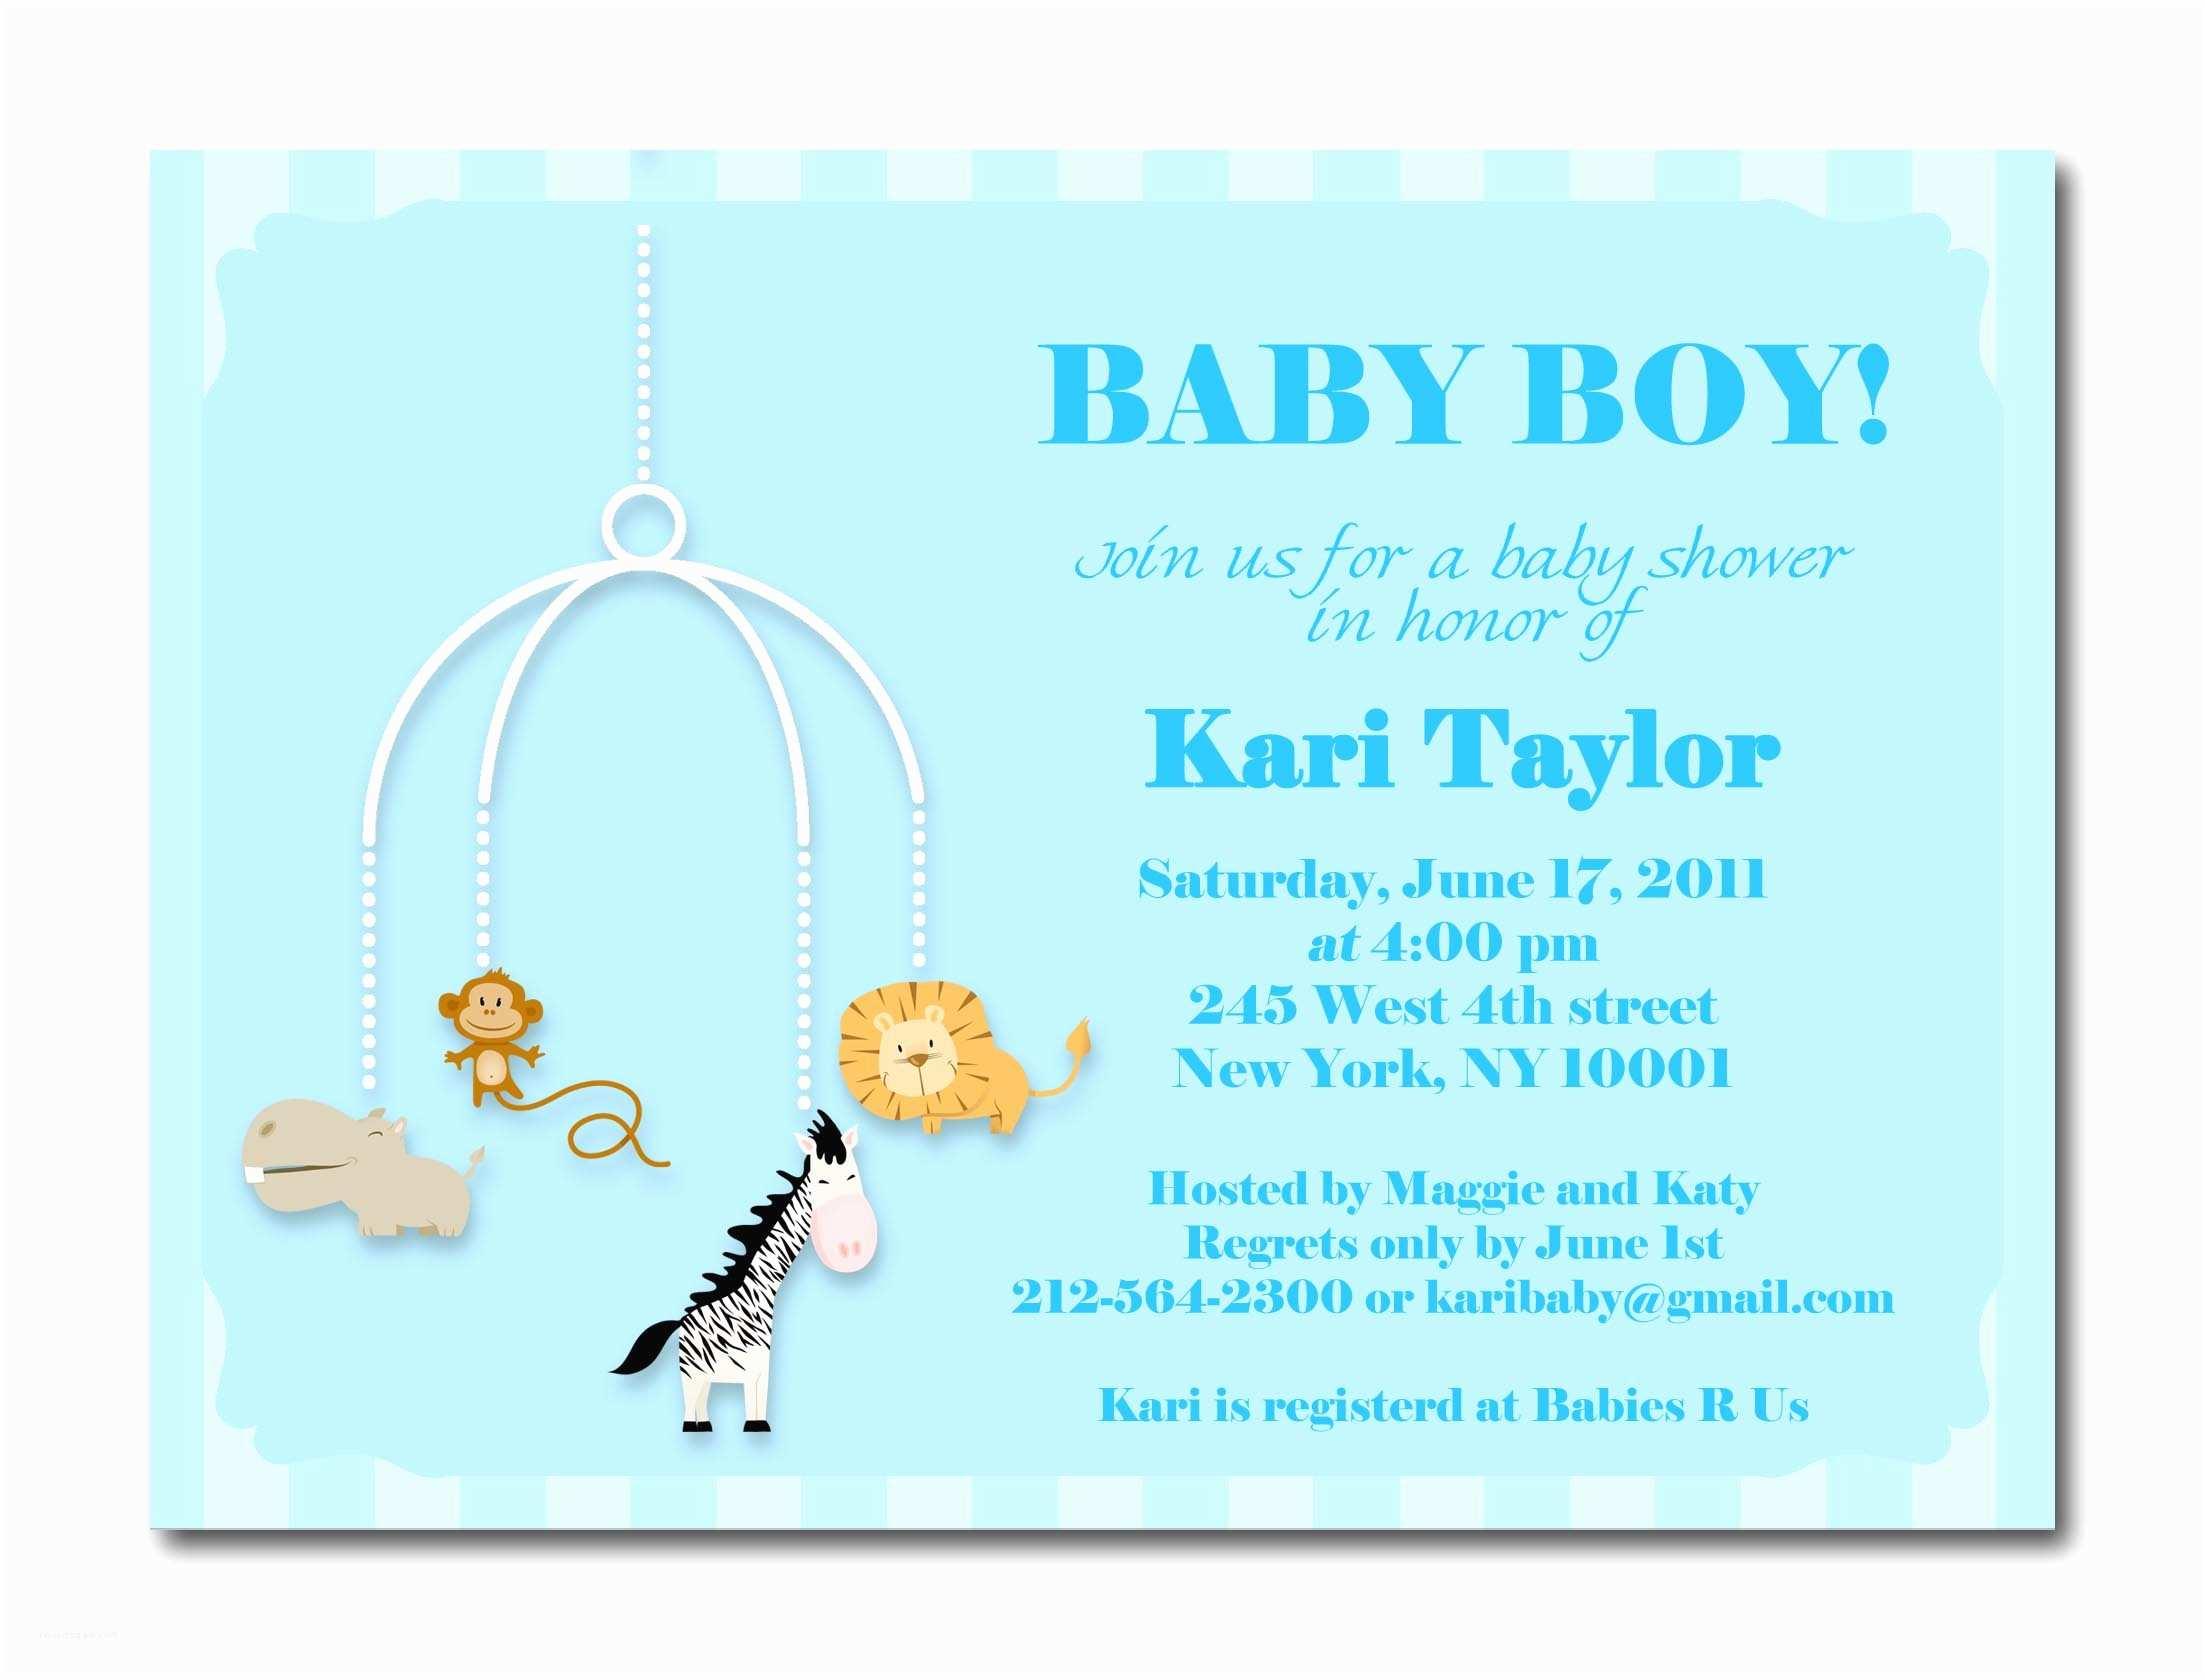 Baby Boy Shower Invitations Baby Boy Shower Invites